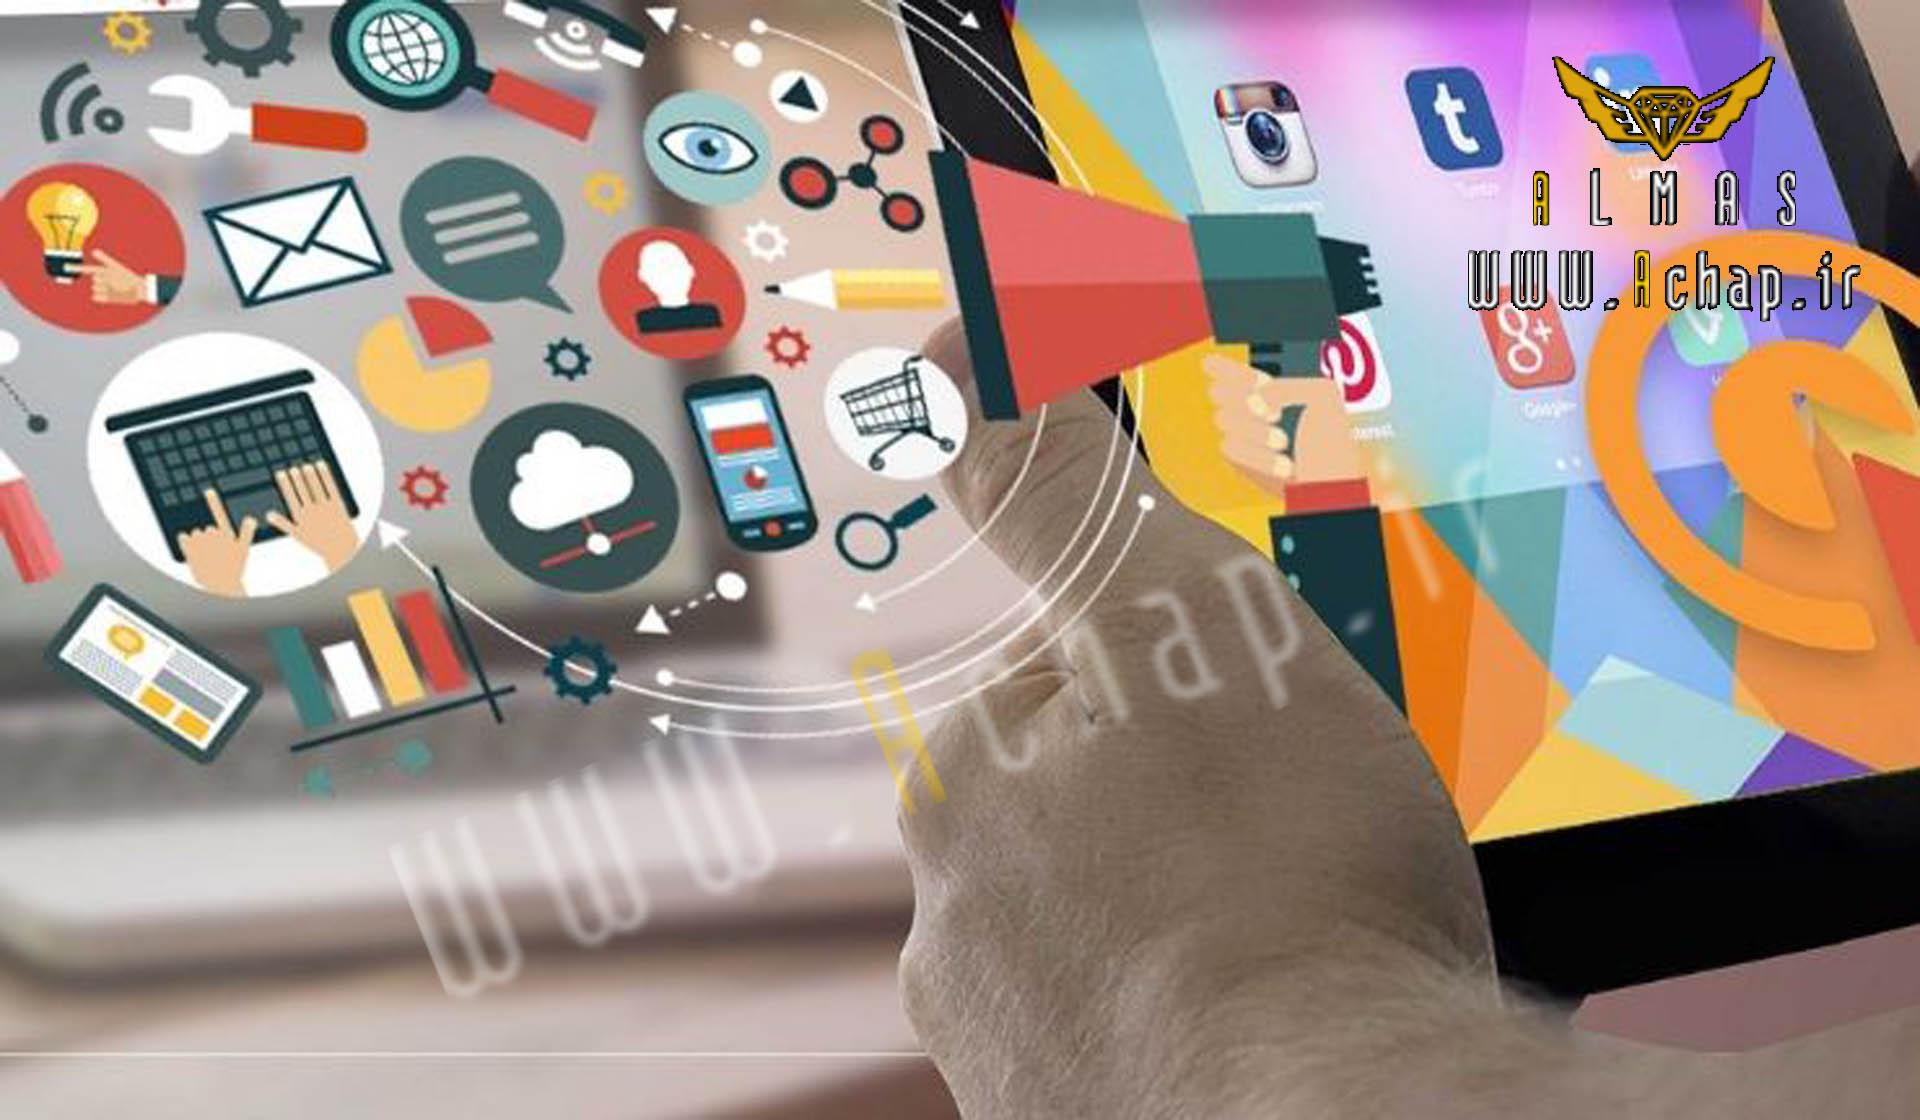 تبلیغ - achap - بهترین شرکتهای تبلیغ کننده (بخش8) -